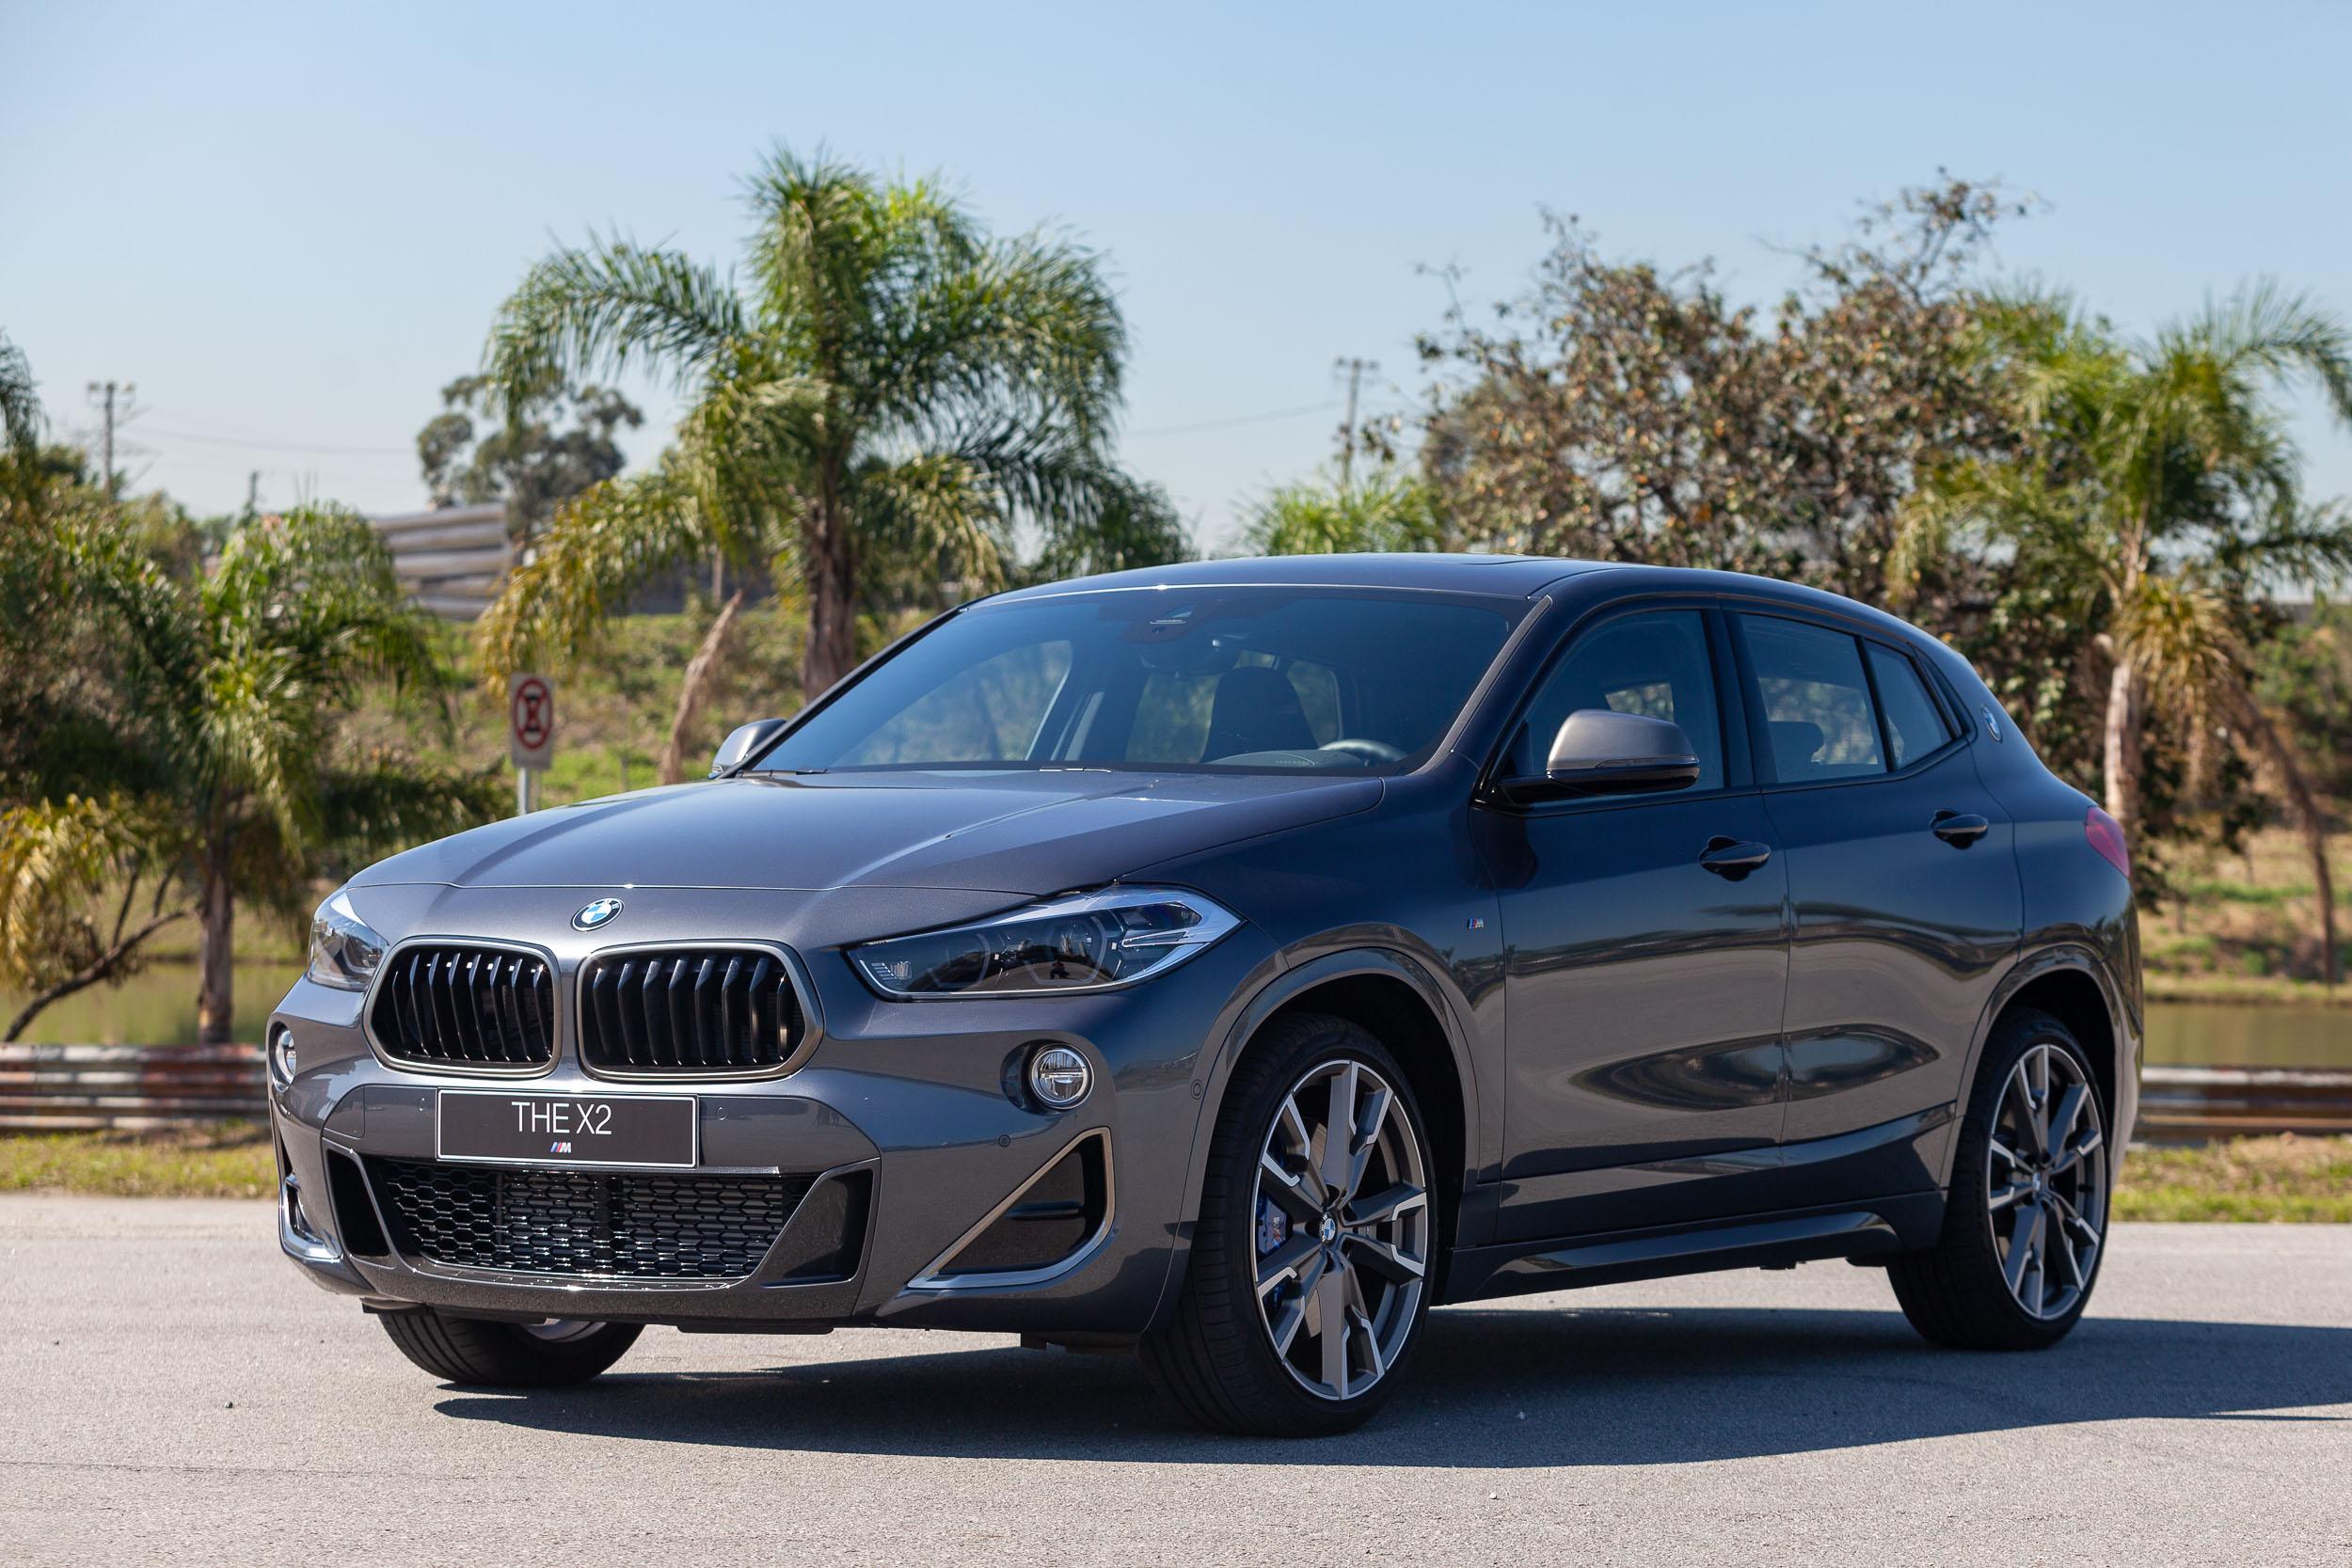 Novo BMW X2 M35i inicia pré-vendas no Brasil